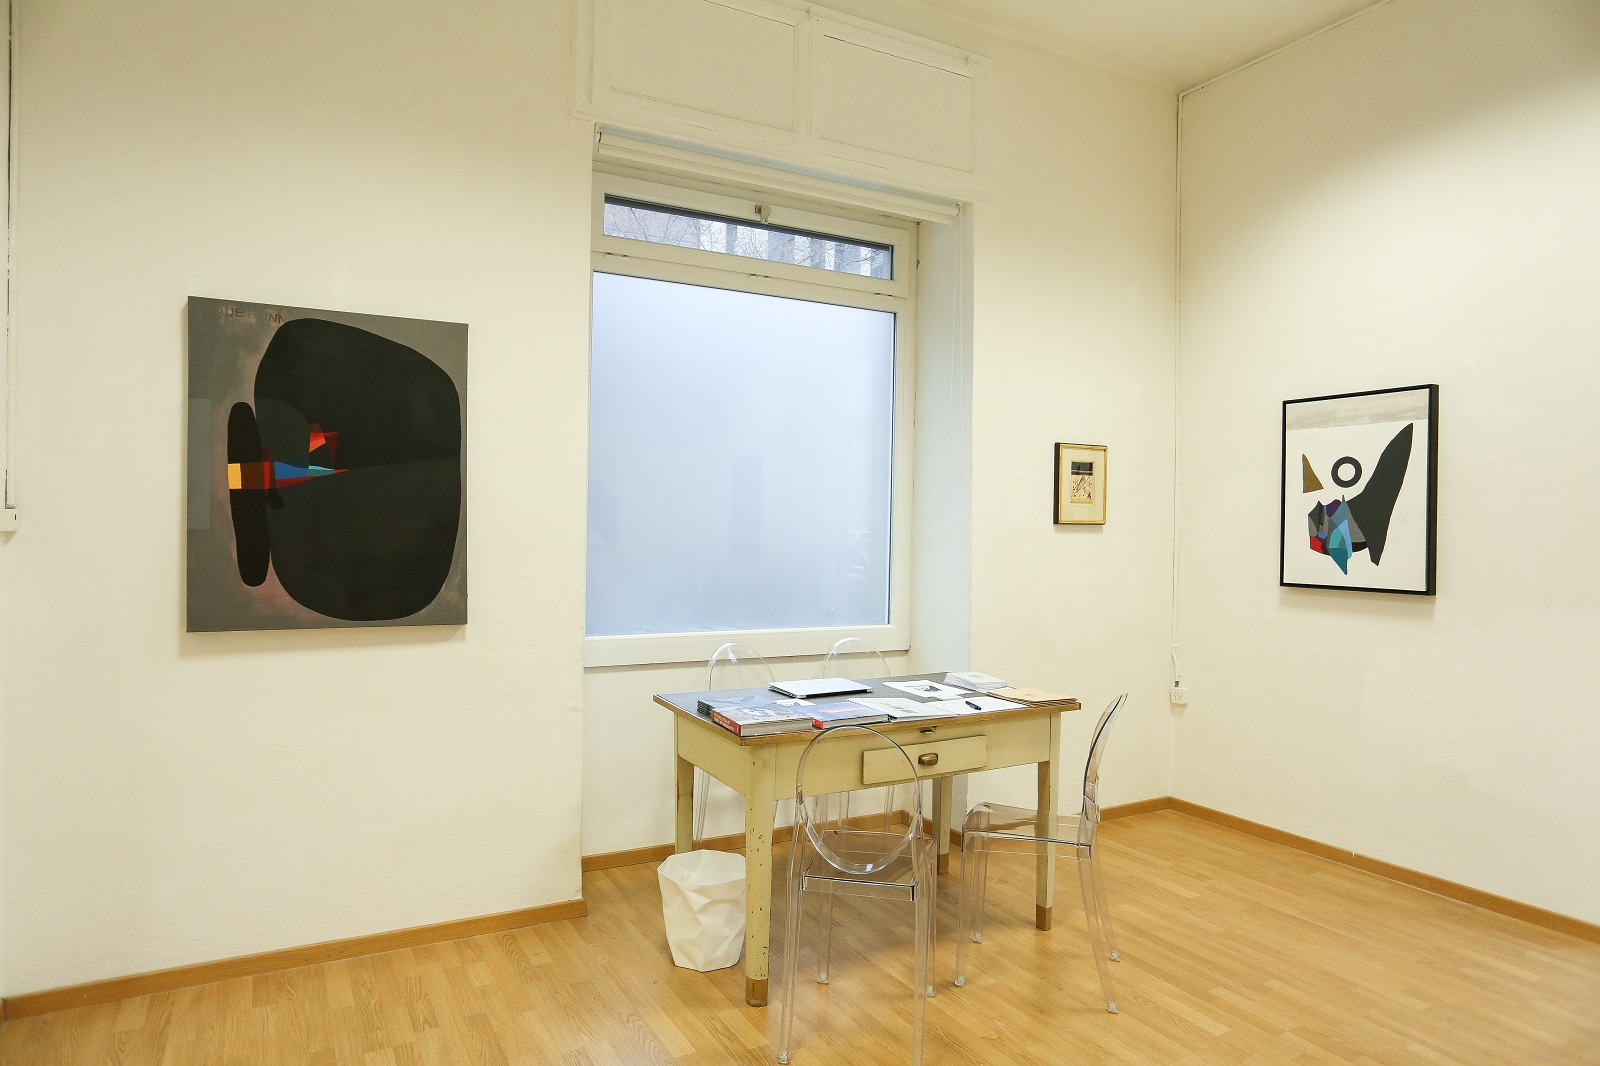 108-la-forma-e-lignoto-at-ego-gallery-recap-02